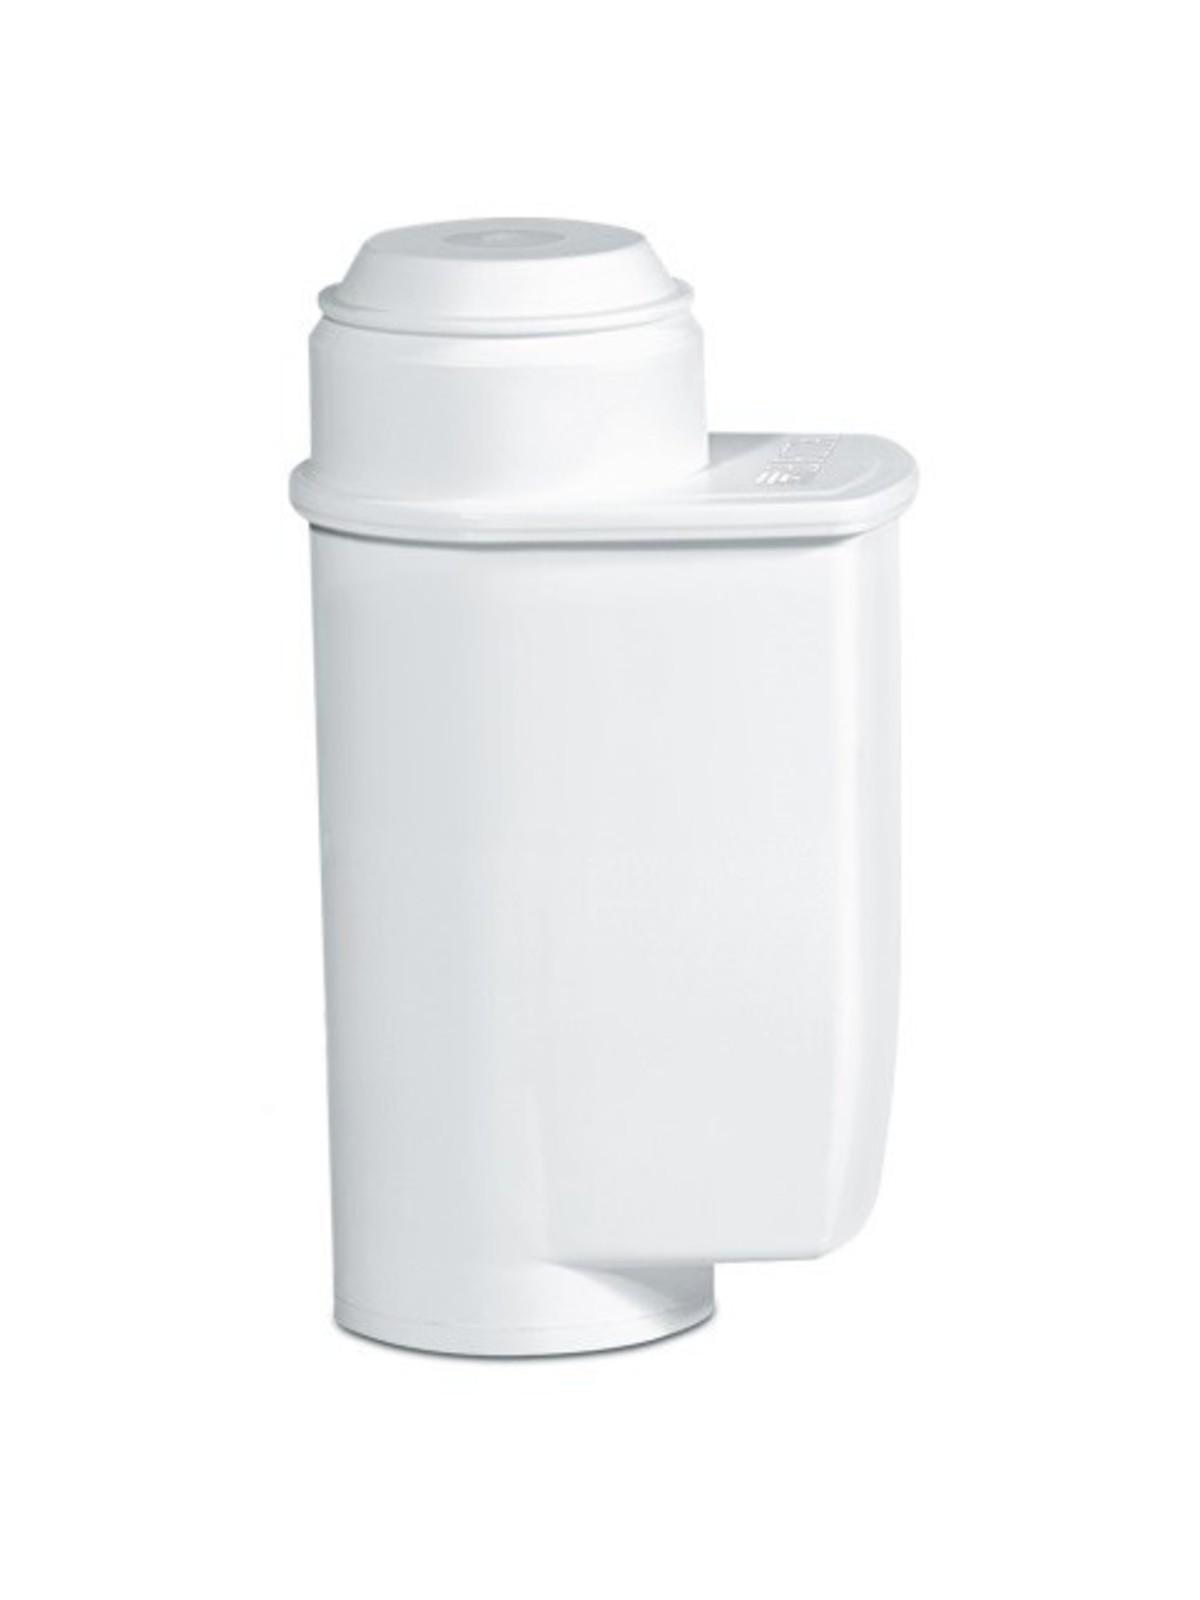 BRITA BRITA Intenza Waterfilter